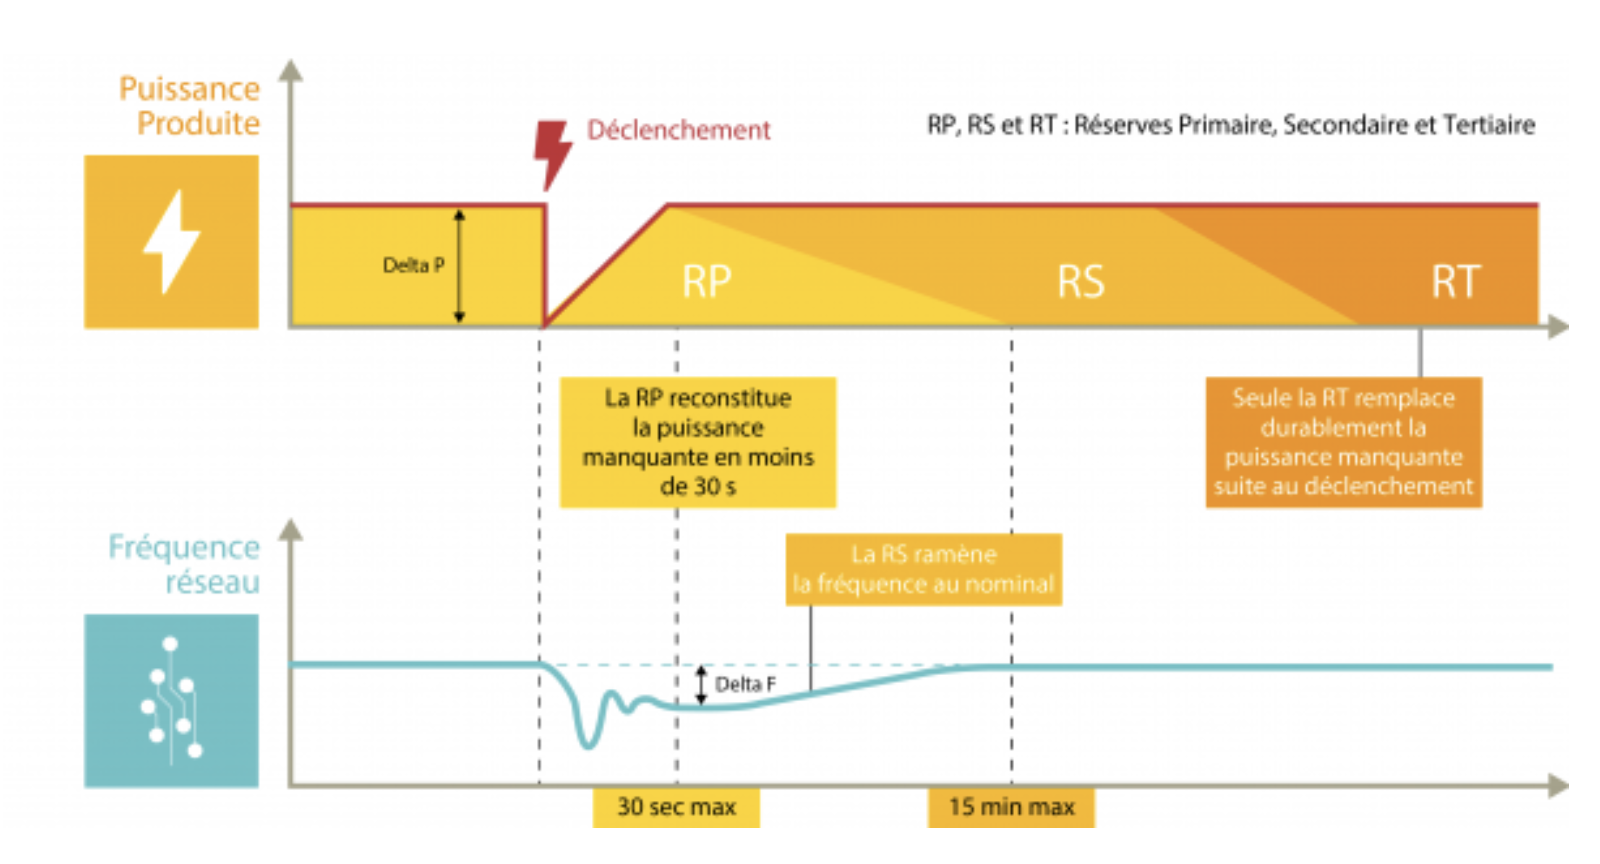 Fonctionnement des réserves pour rétablir l'équilibre production/consommation